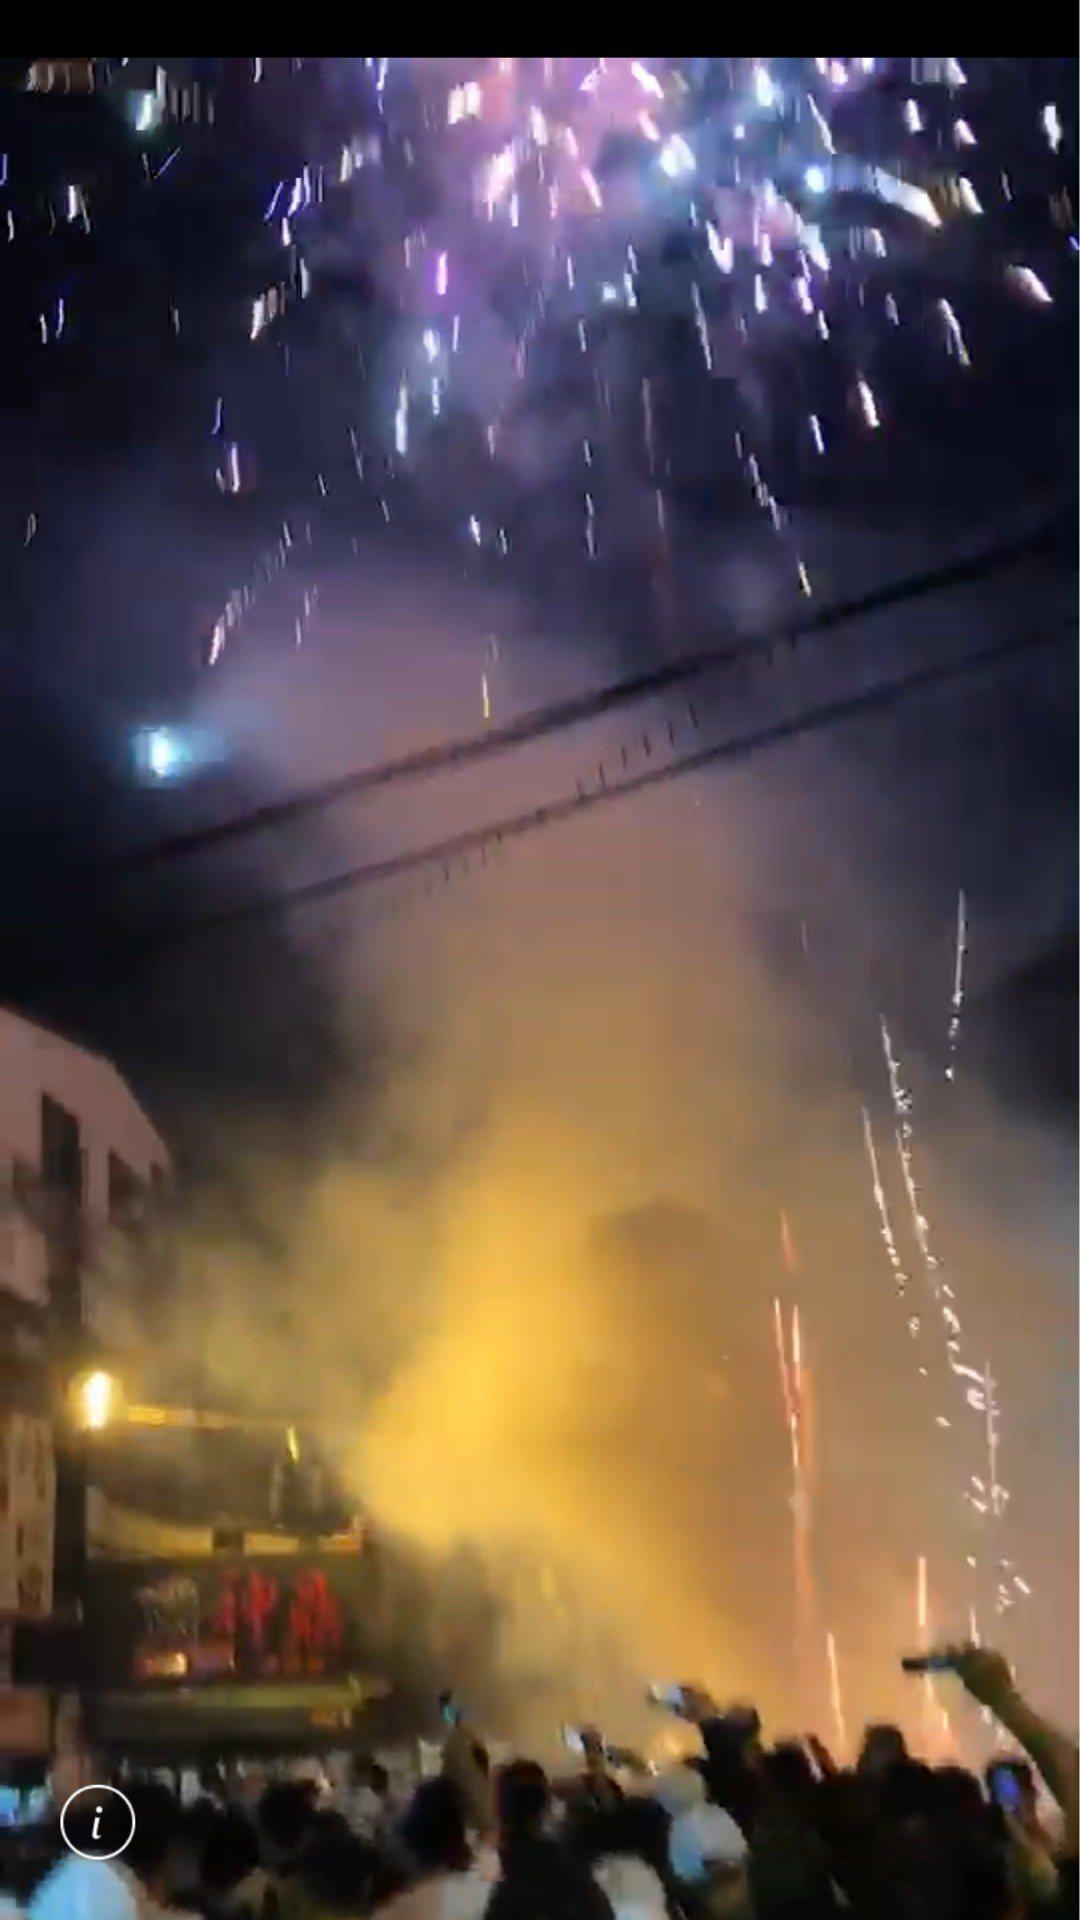 雖然消防局強力取締深夜燃放鞭炮煙火,但昨天深夜大甲媽進入彰化市區後,在民族路、華...